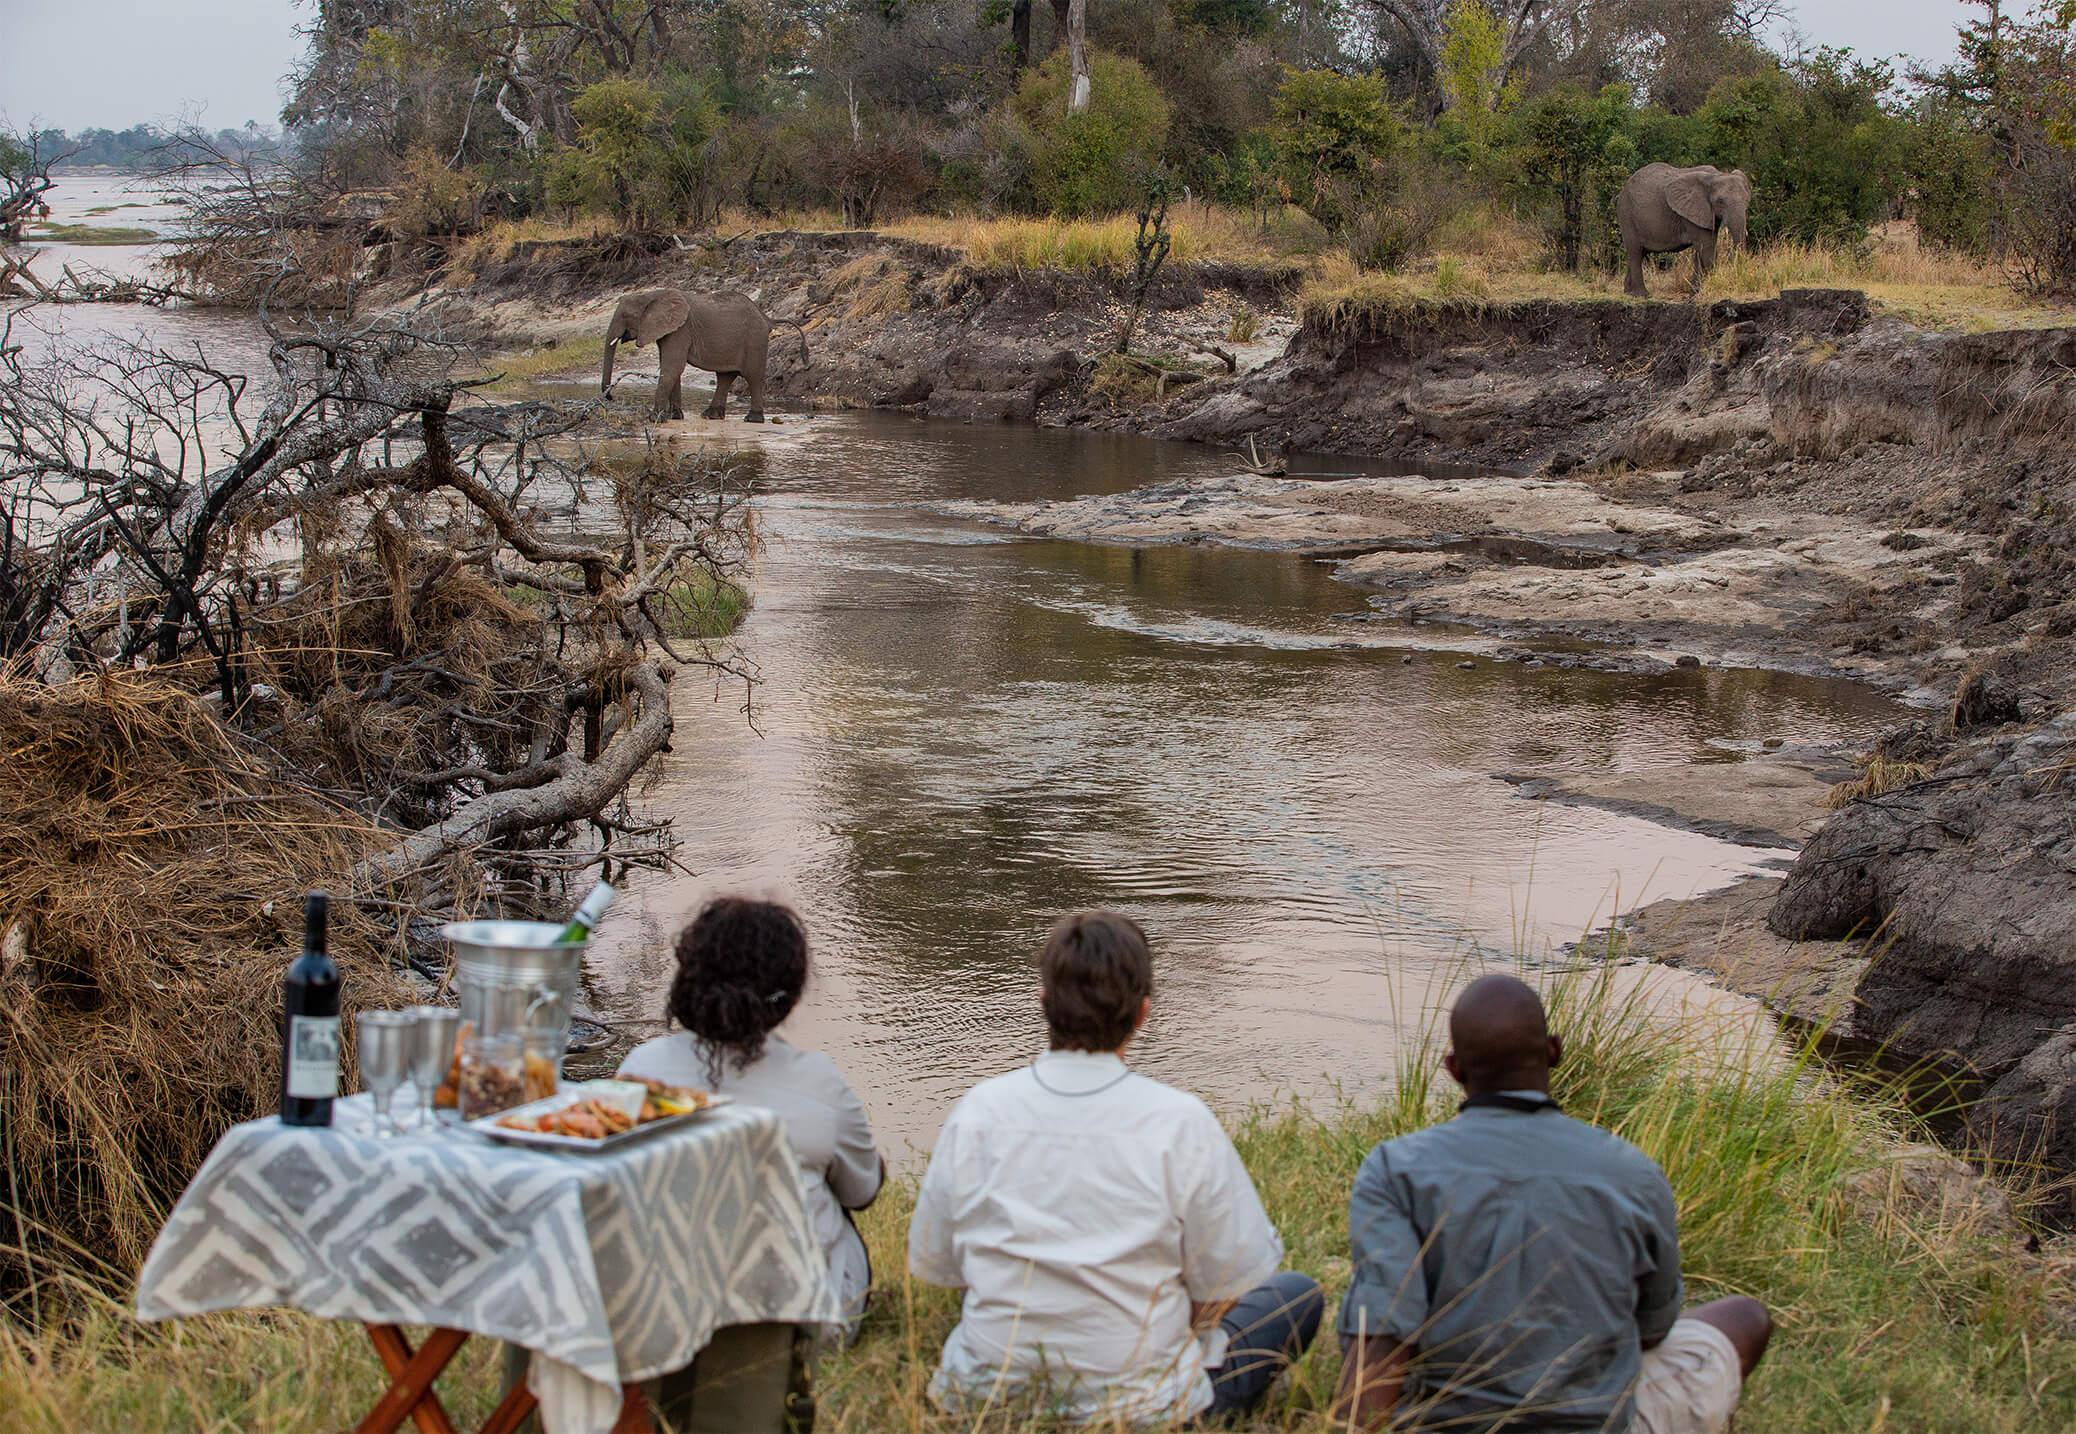 GPZimbabwe-MpalaJena-WildlifeSundowersWithElephants.jpg